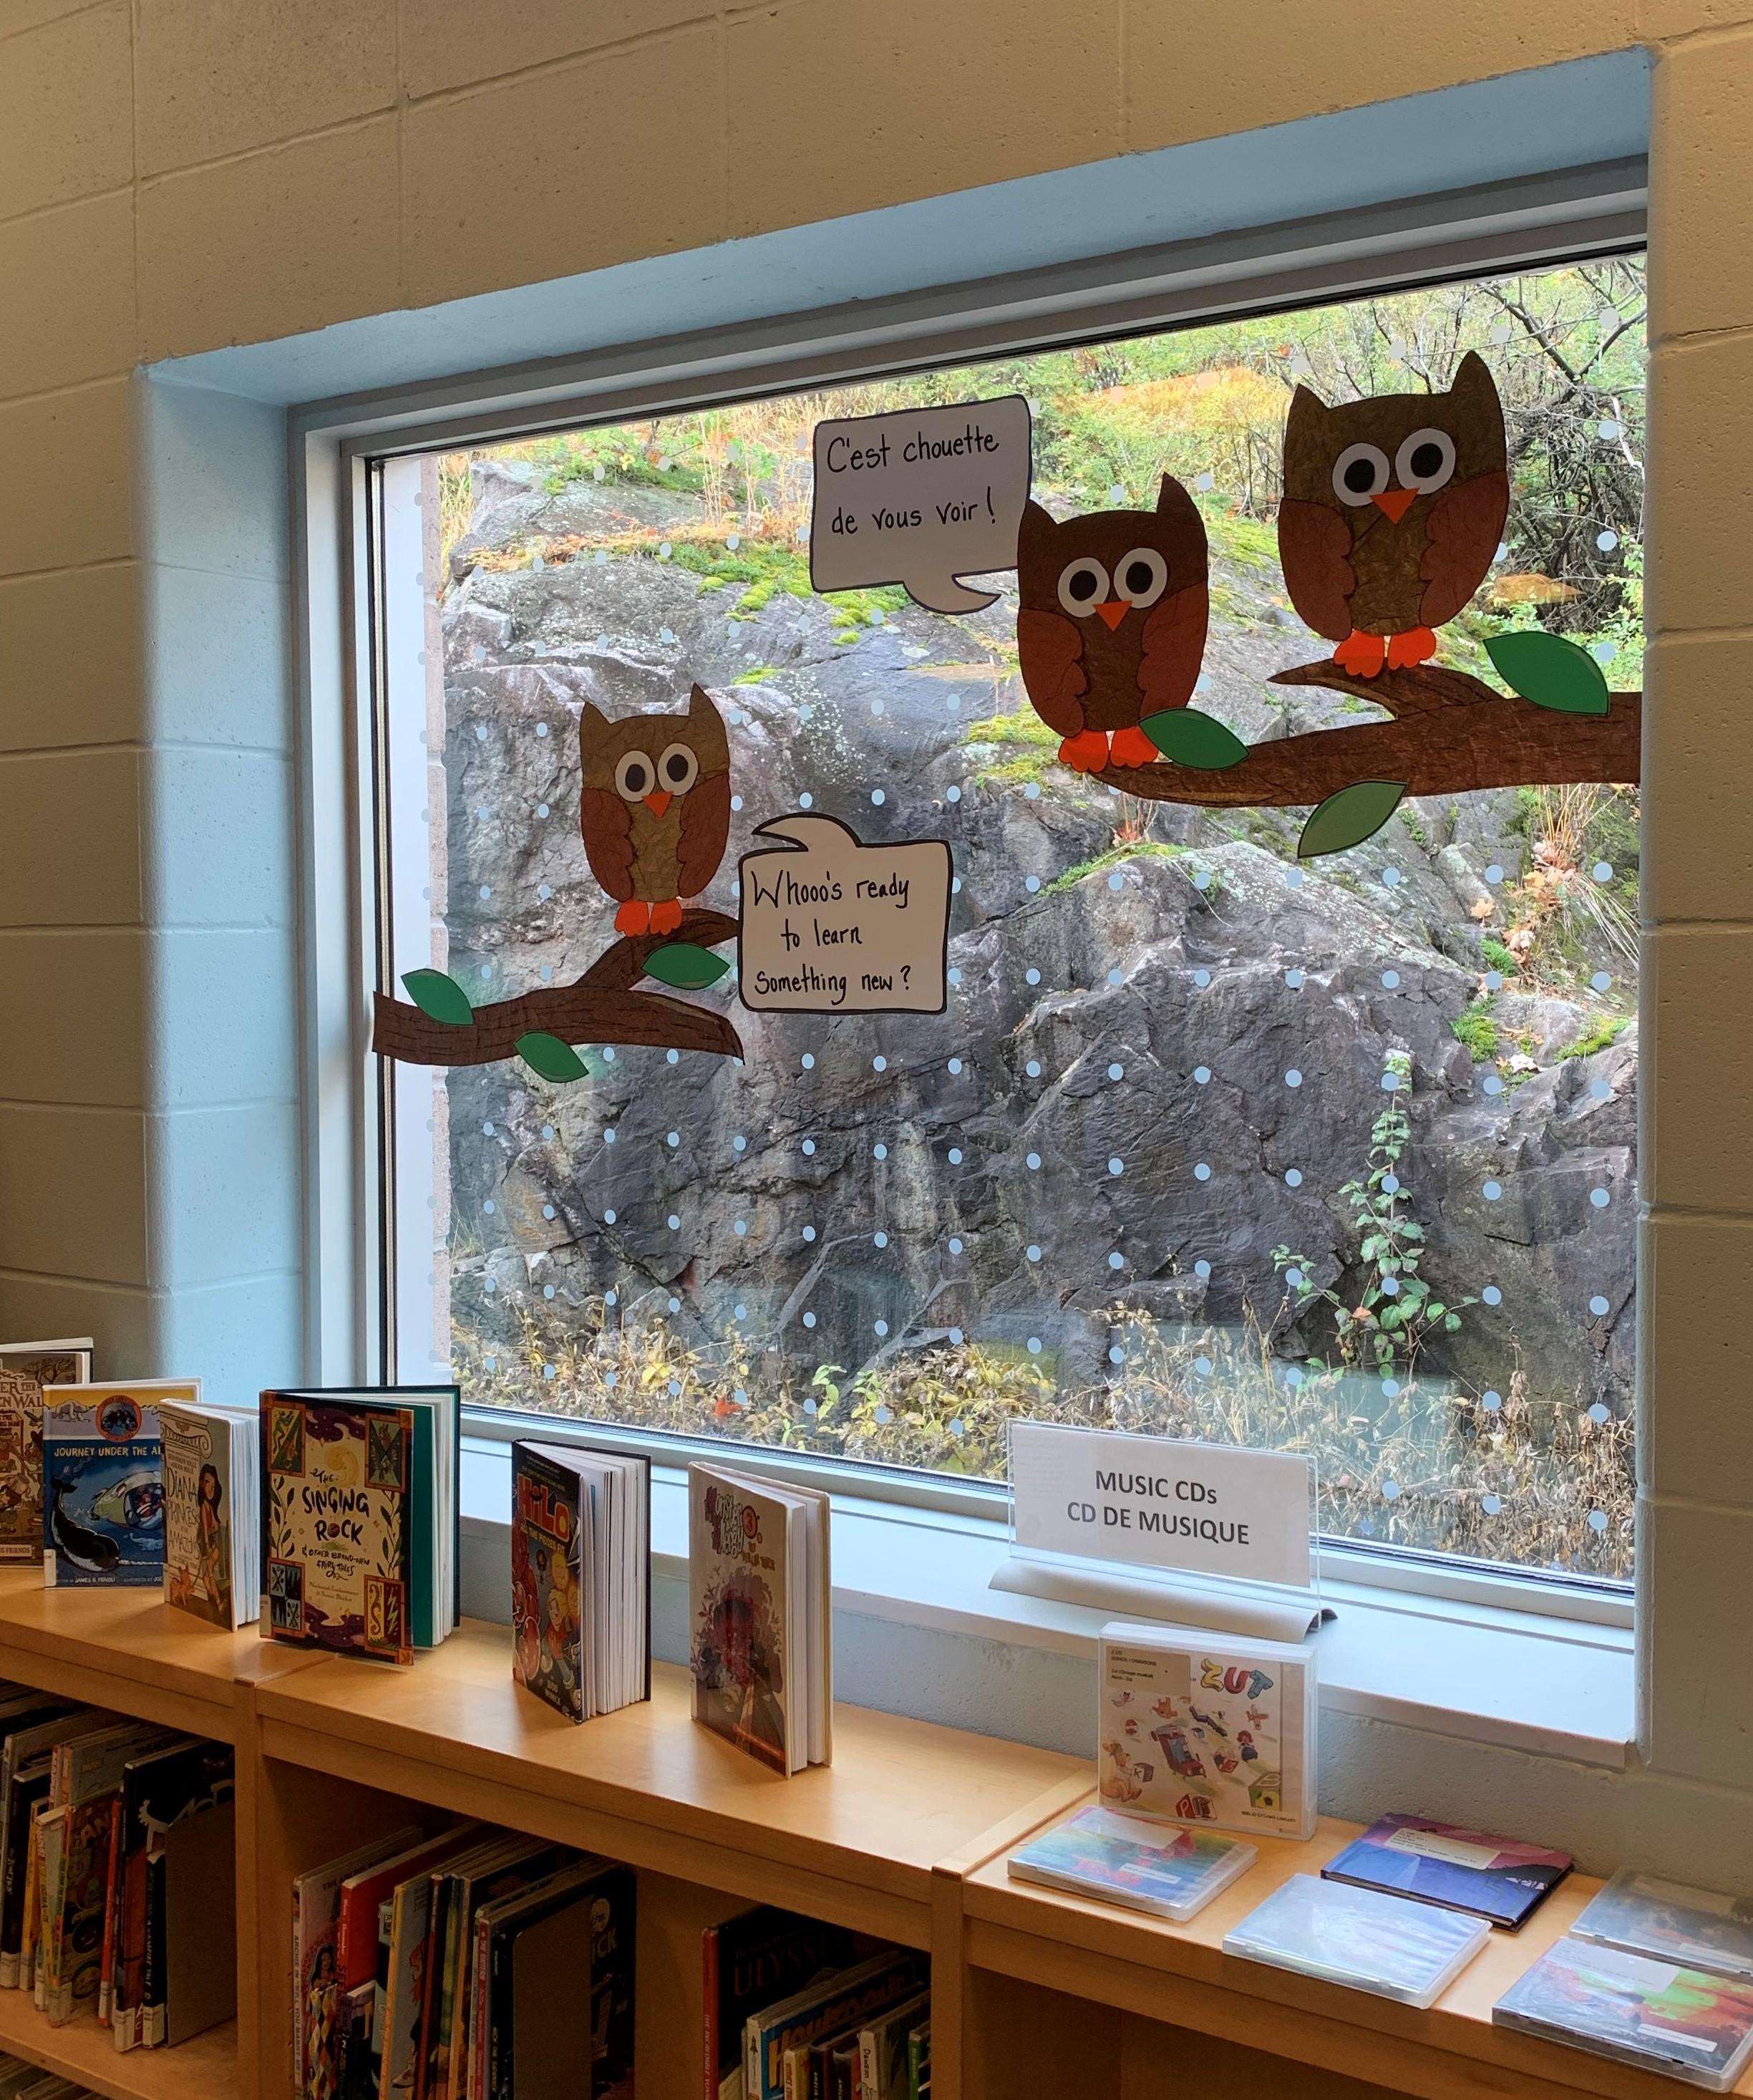 Des points ont été ajoutés sur les fenêtres de la section pour enfants de la succursale de Beaverbrook pour que les oiseaux évitent ces parois en verre